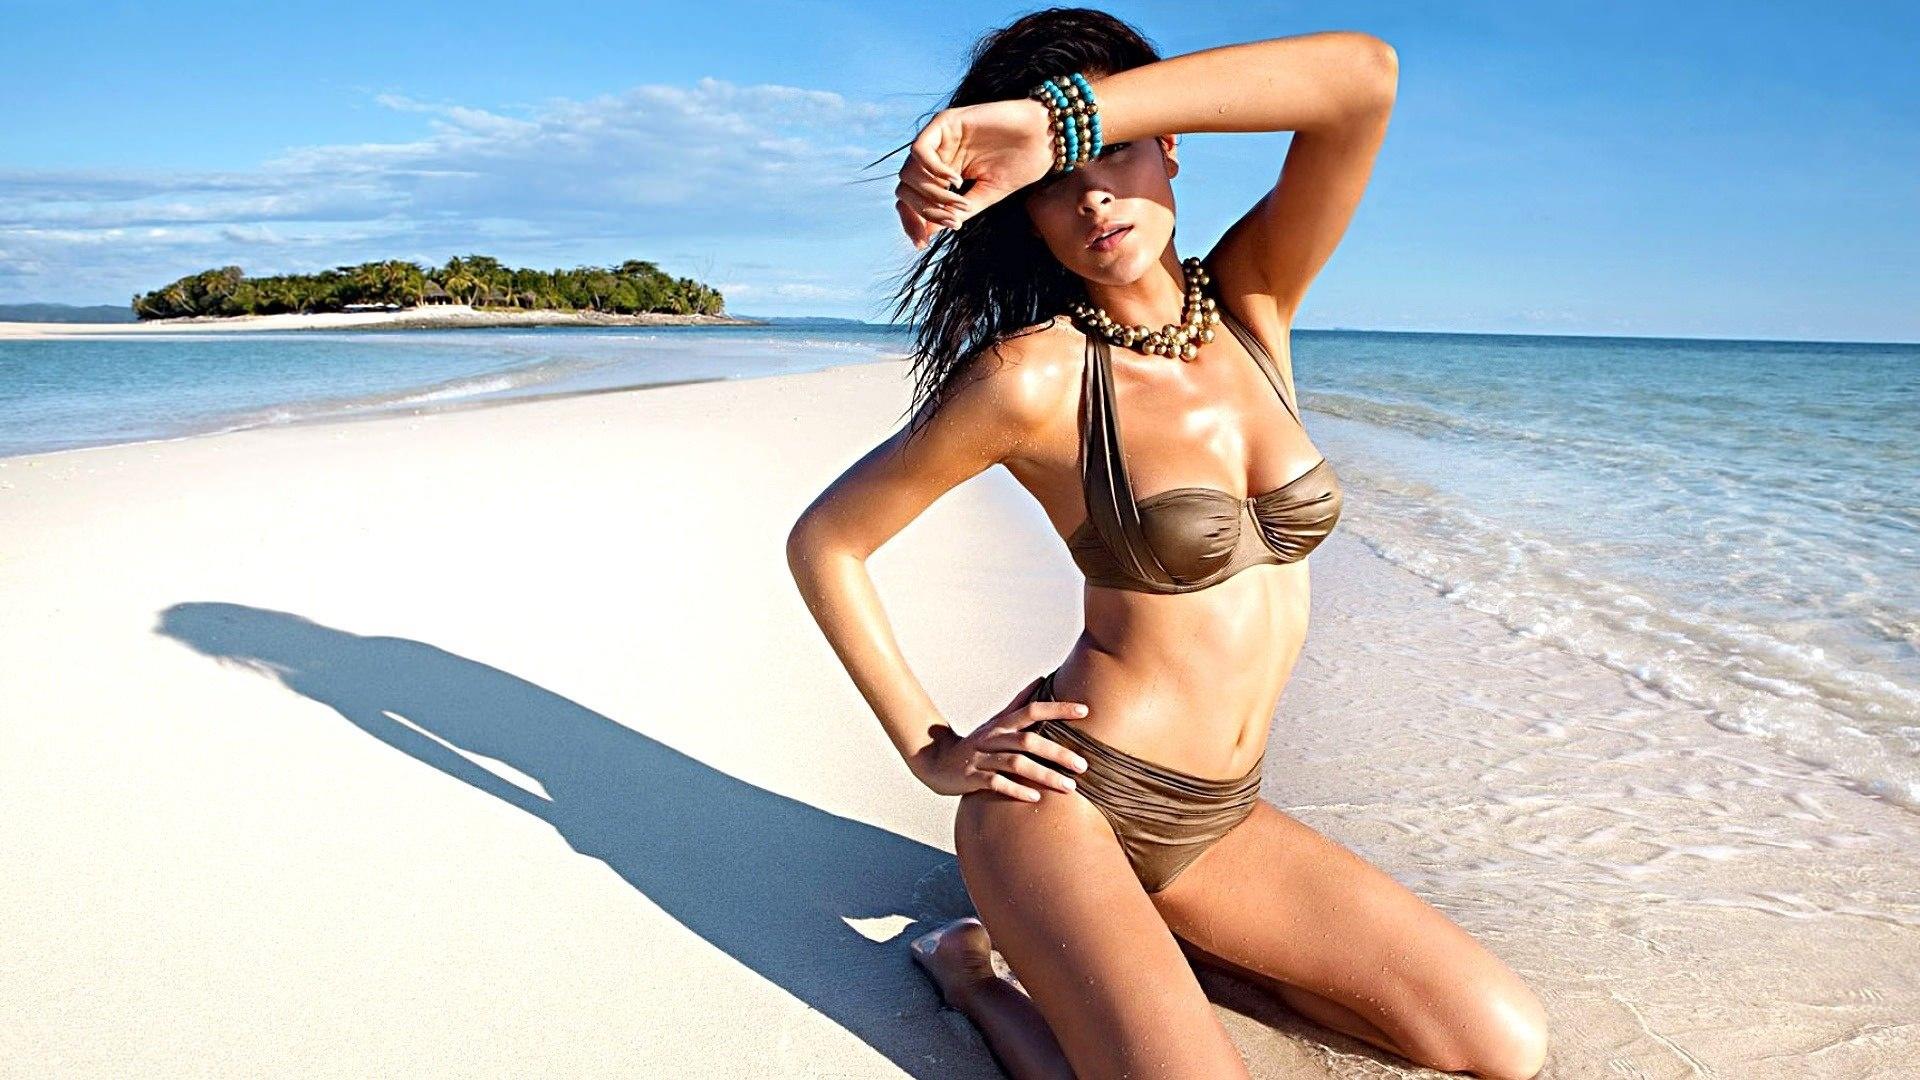 Худенькая девка с офигительным телом позирует на фоне моря  47427